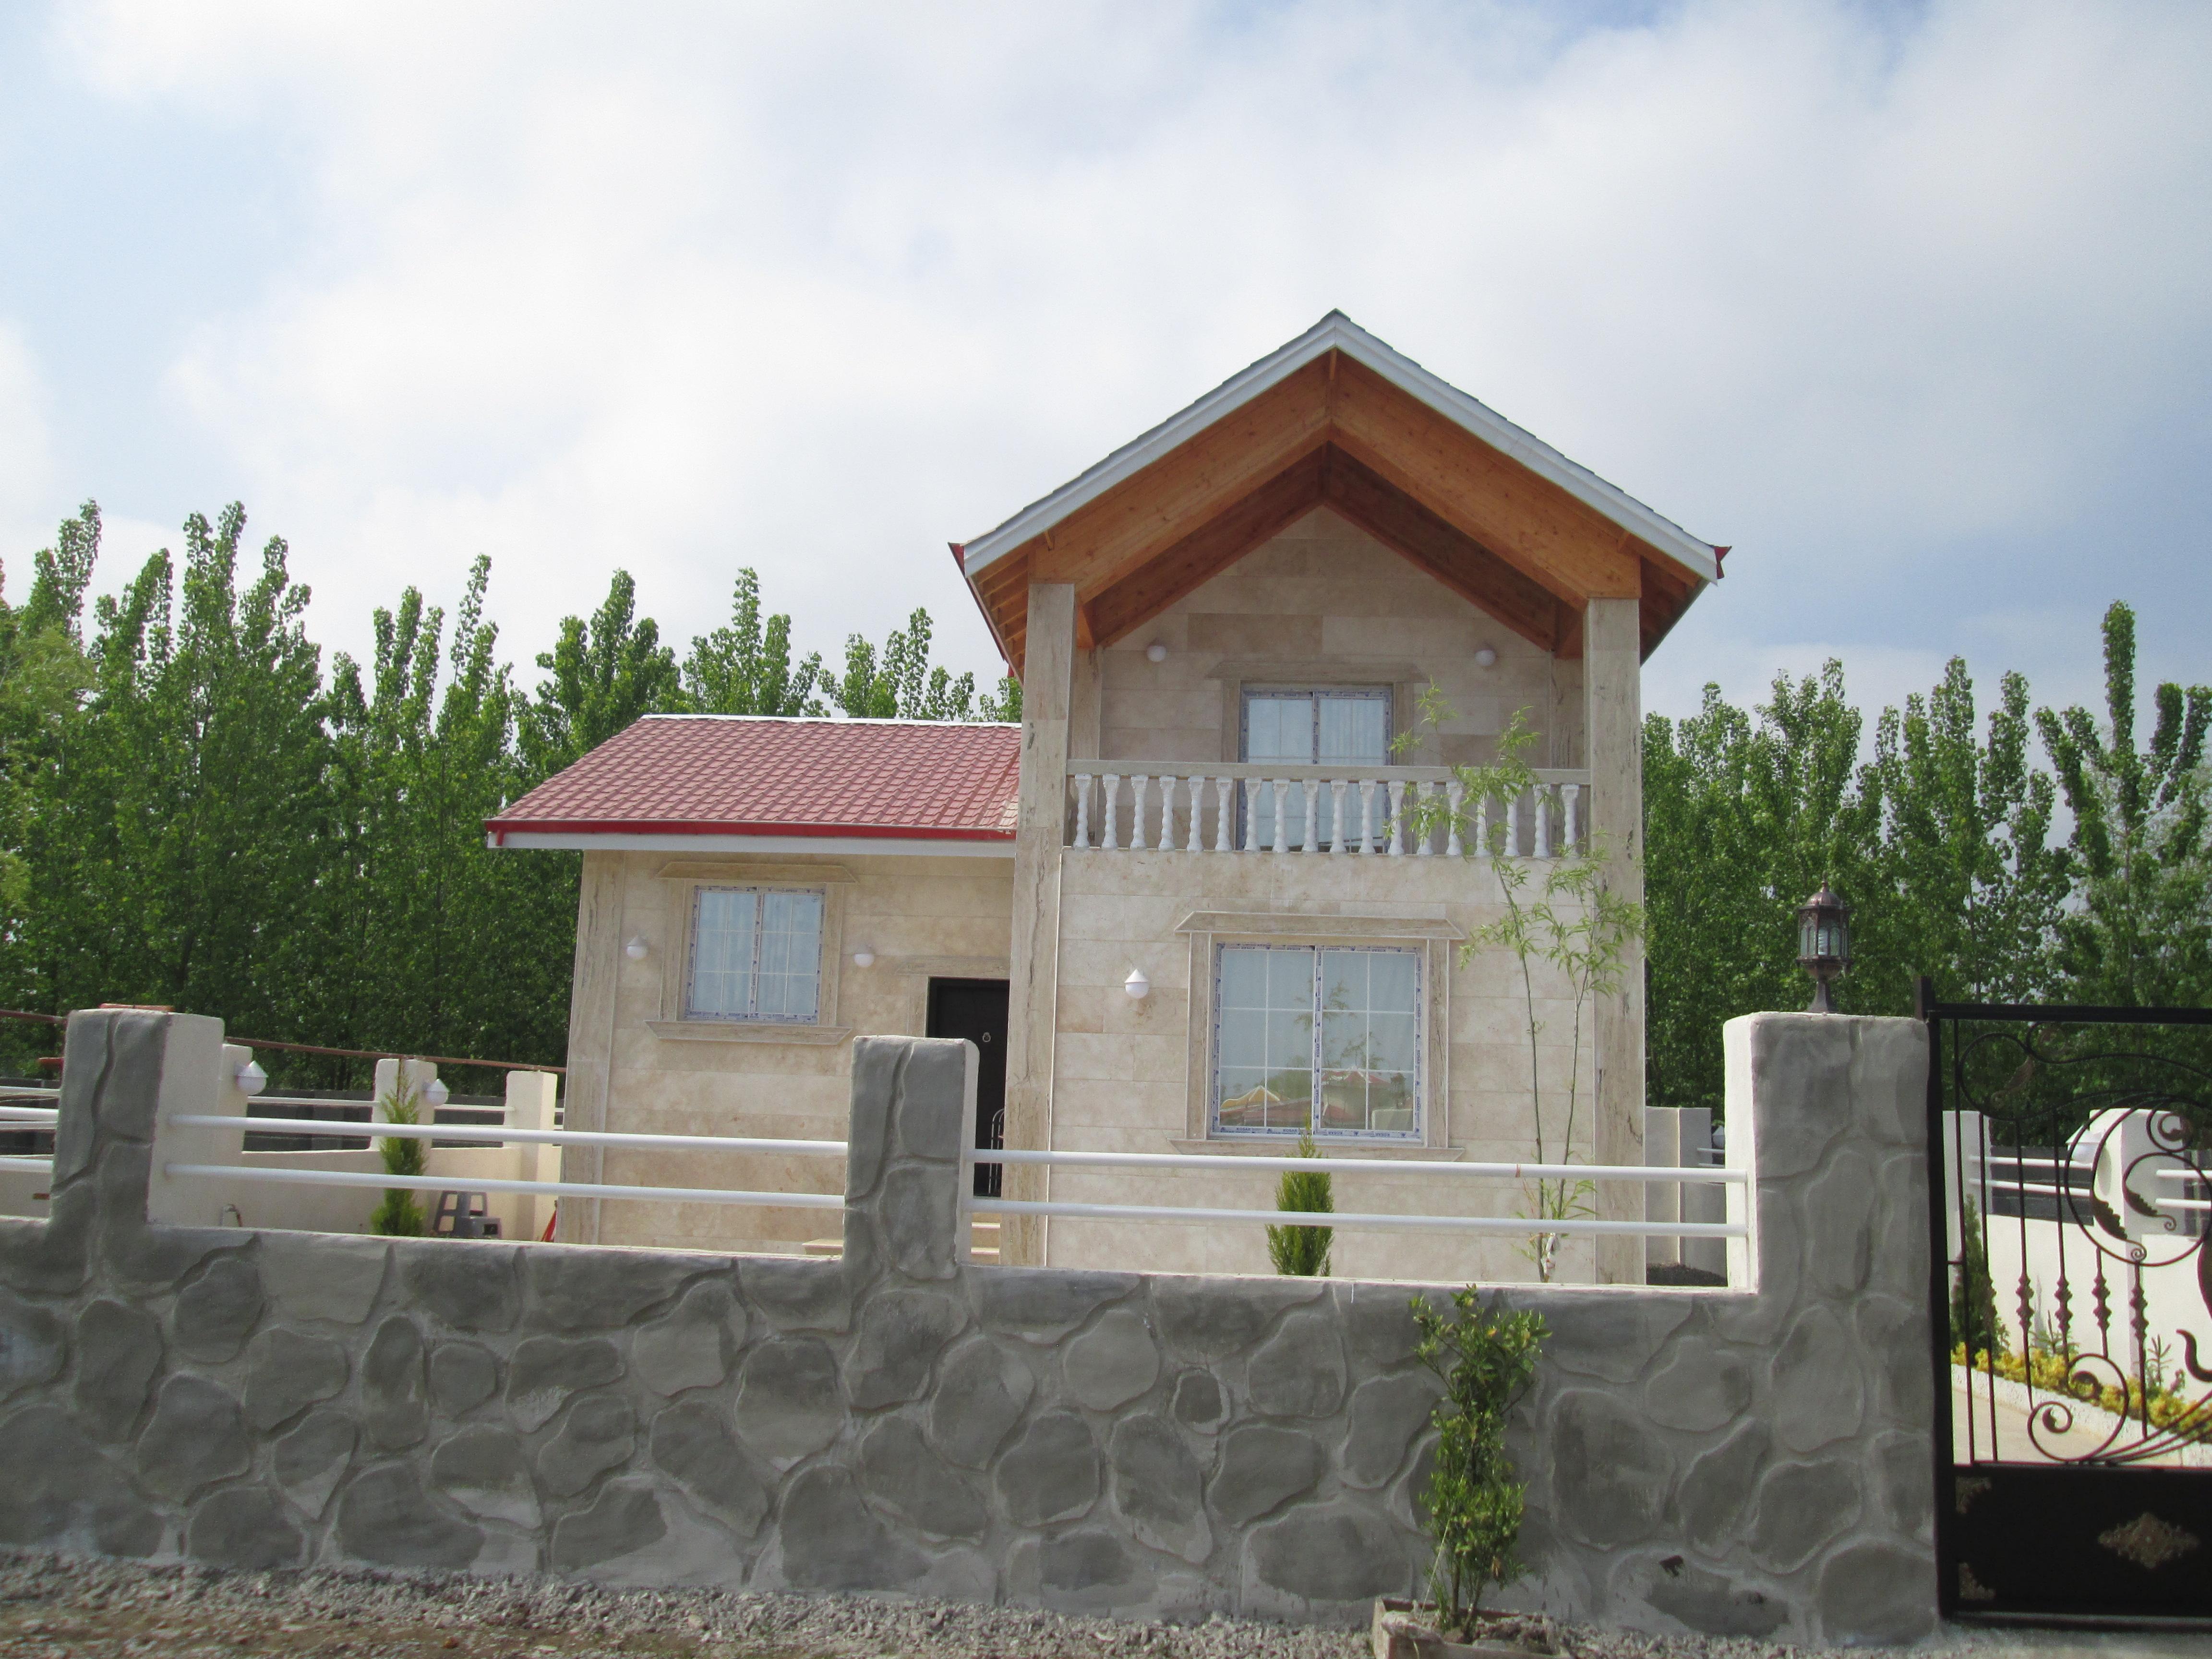 فروش ویلای لوکس شهرکی سندار در زیباکنار(کد:۵۱۷)